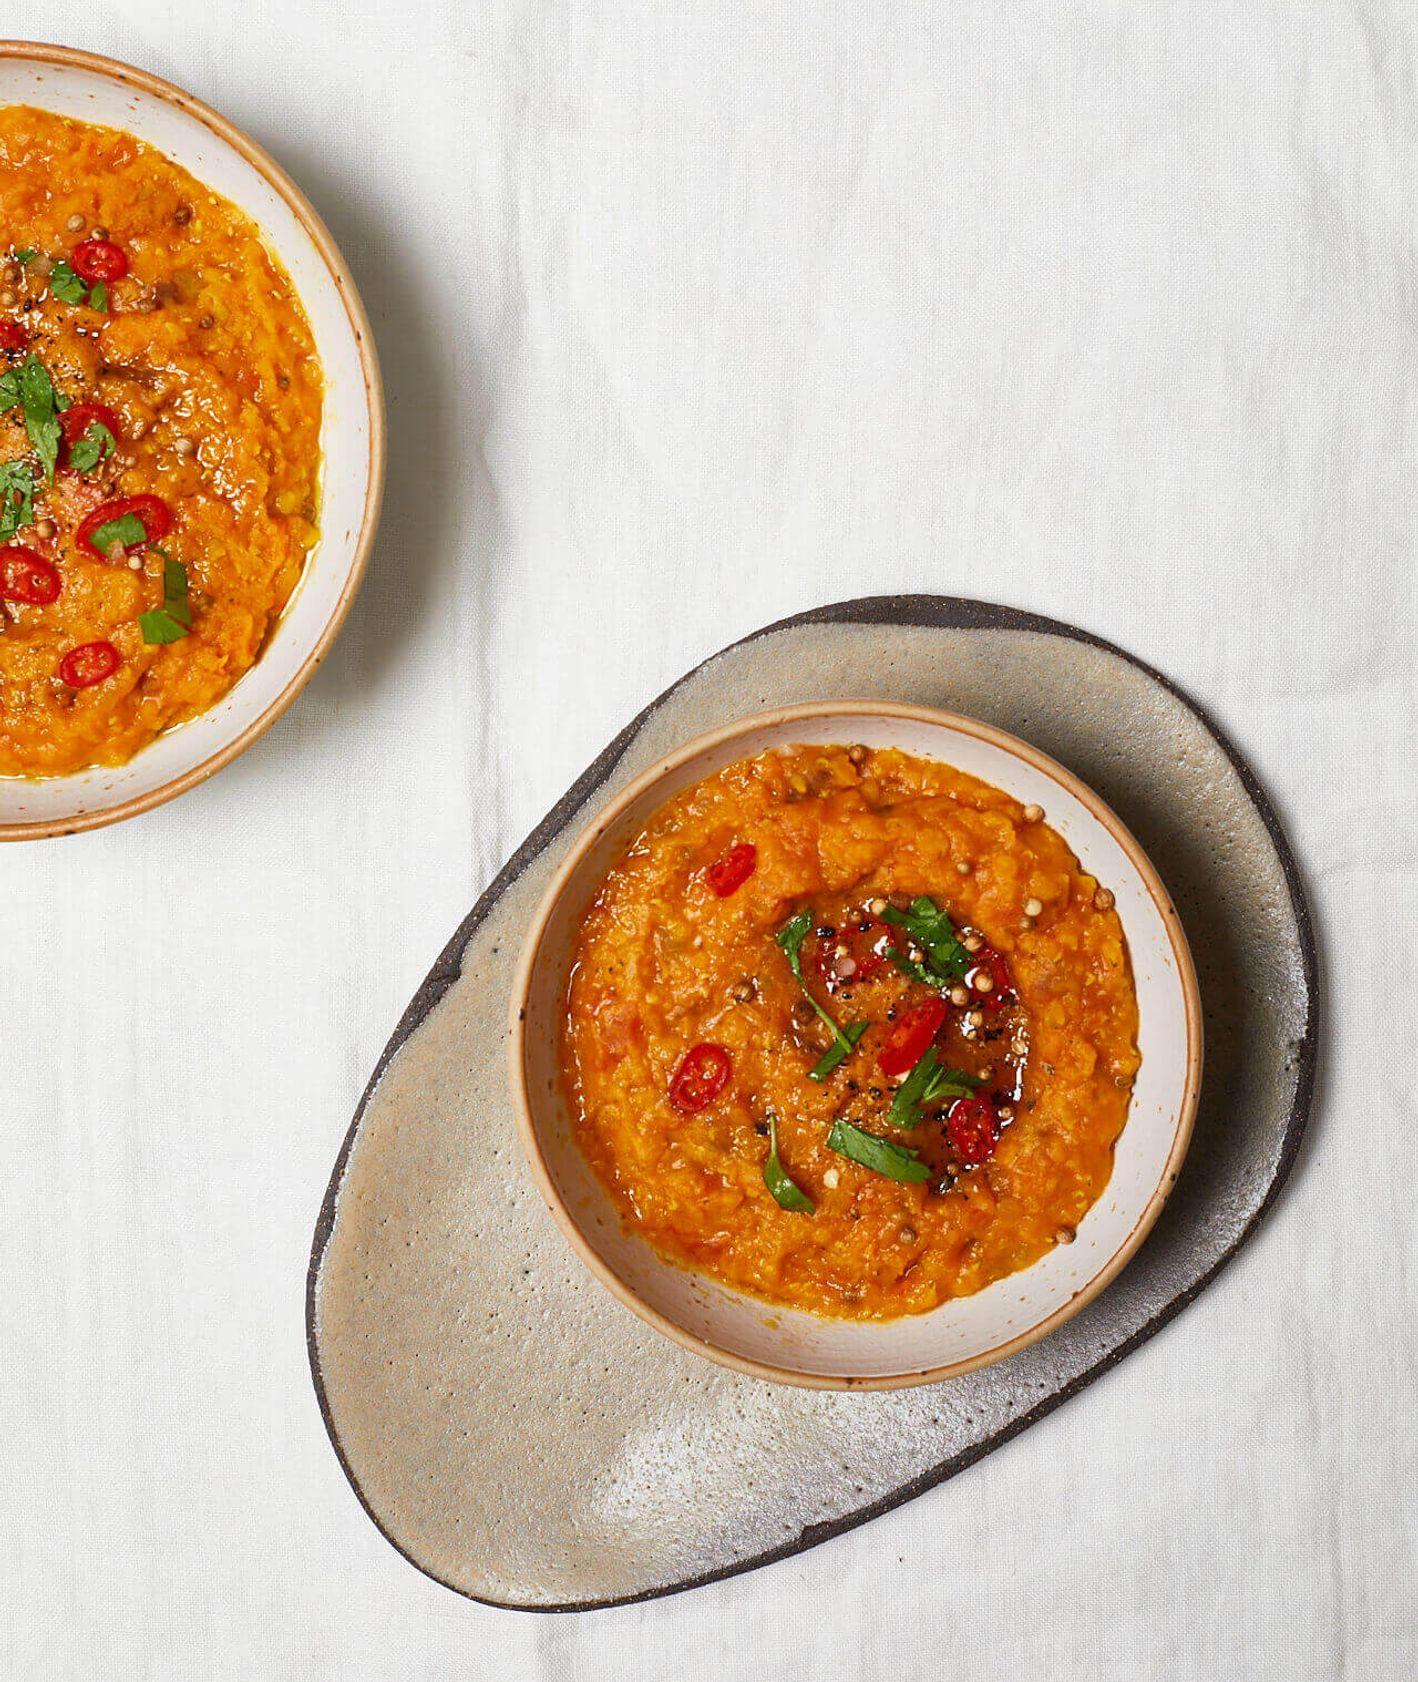 zupa z soczewicy z morelami, zupa z soczewicy, soczewica w pomidorach, ostra zupa z soczewicy, czerwona soczewica, danie z soczewicy, soczewica, suszone morele, rozgrzewająca zupa